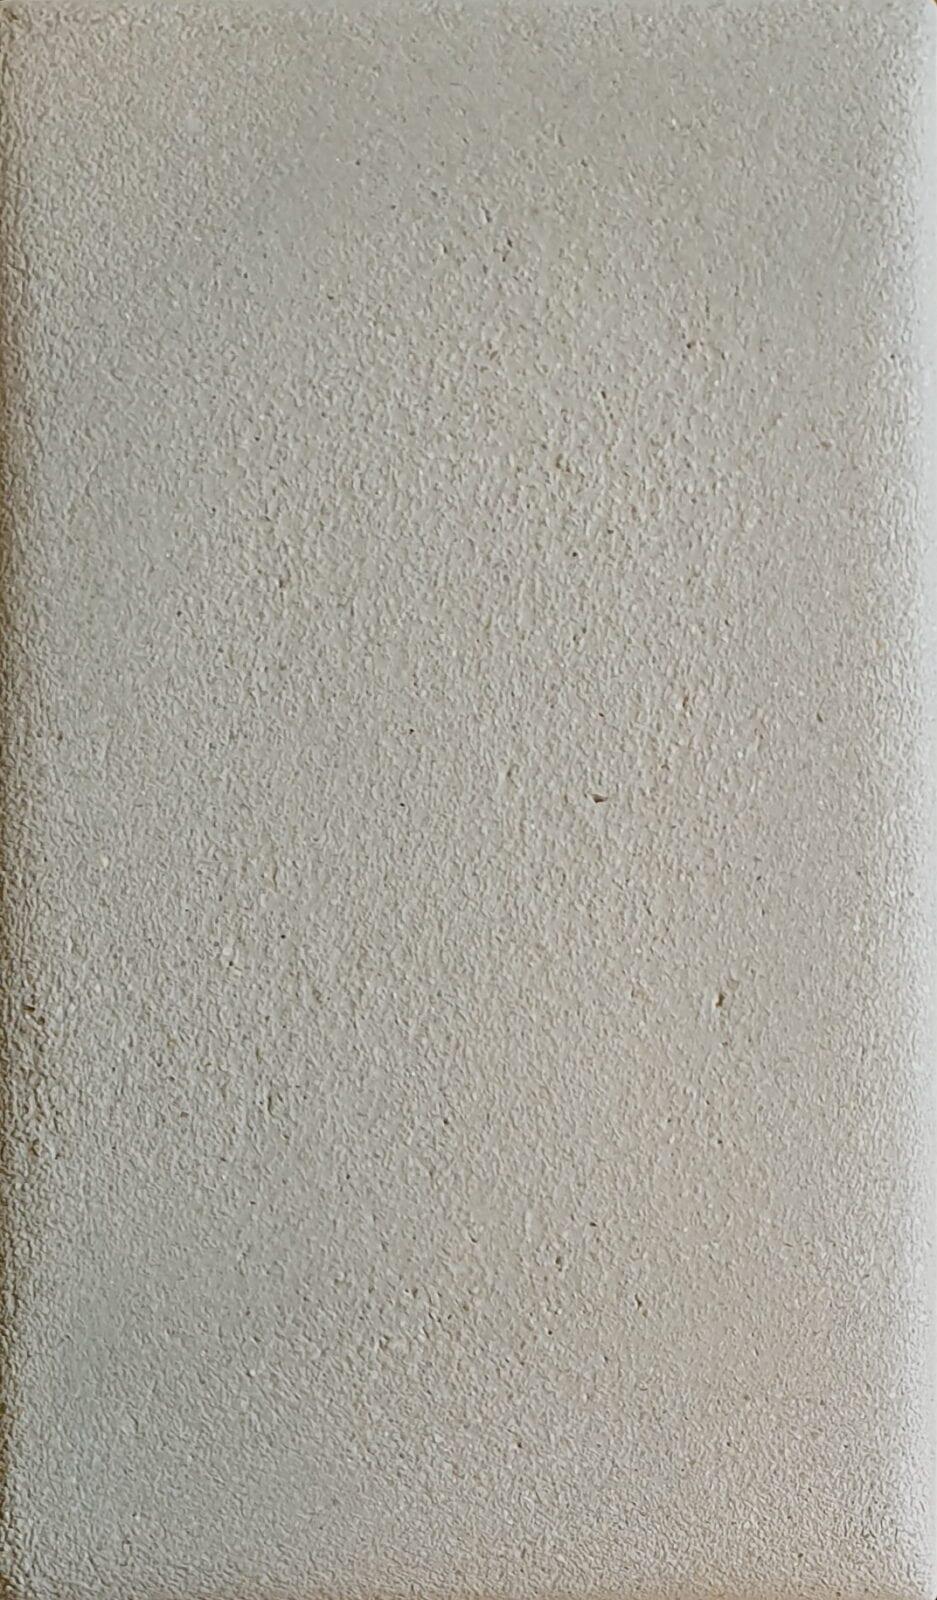 Gomera Finish 8% kleurleem leemstuc